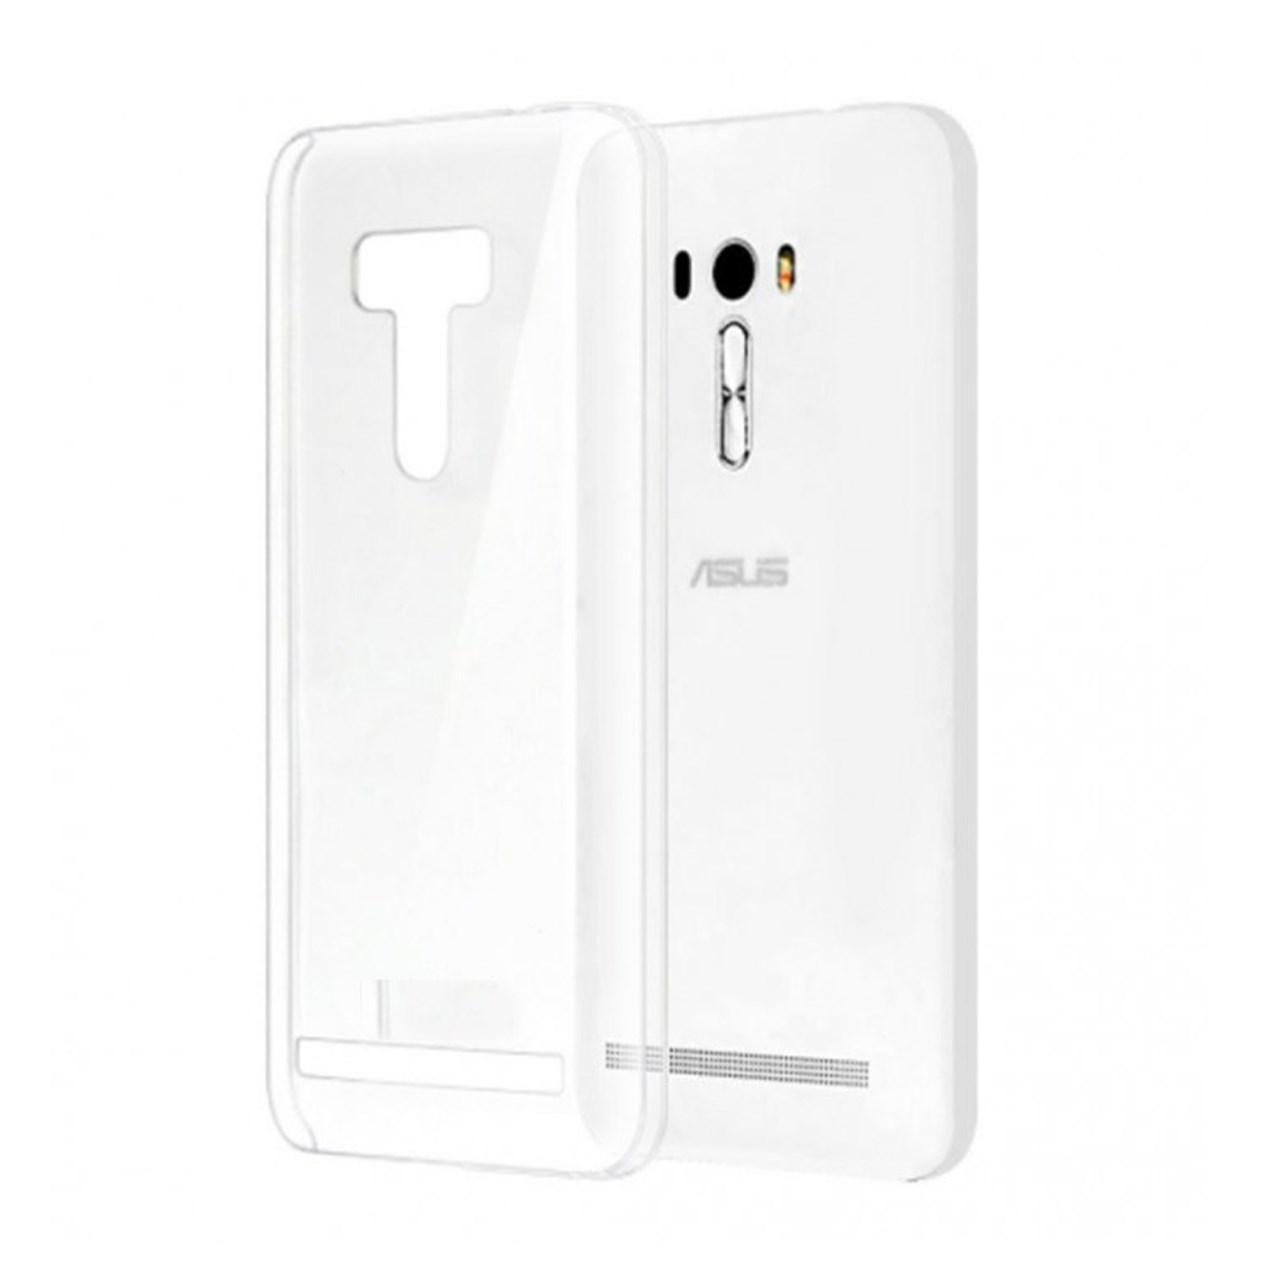 کاور ژله ای مناسب برای گوشی موبایل ایسوس Zenfone 2 Laser  ZE550KL